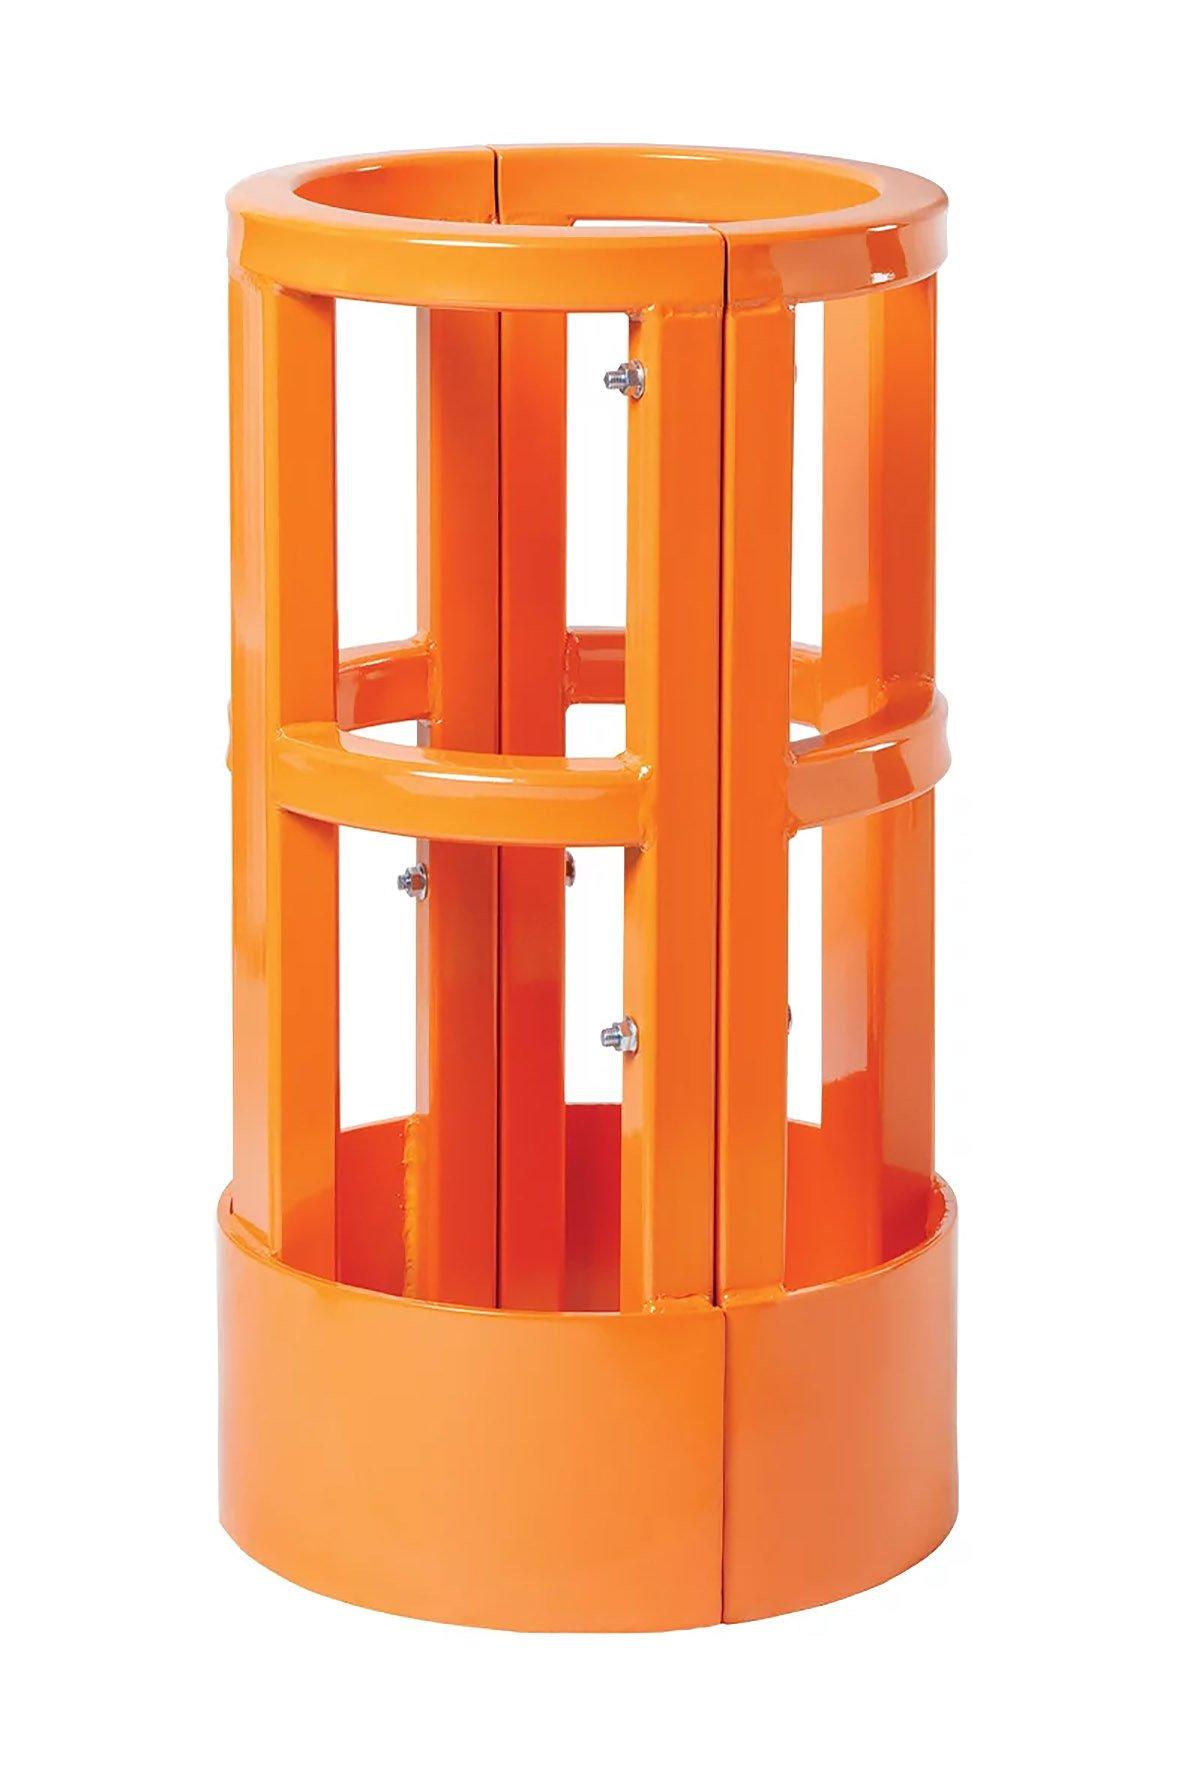 Column protector Damo Shield